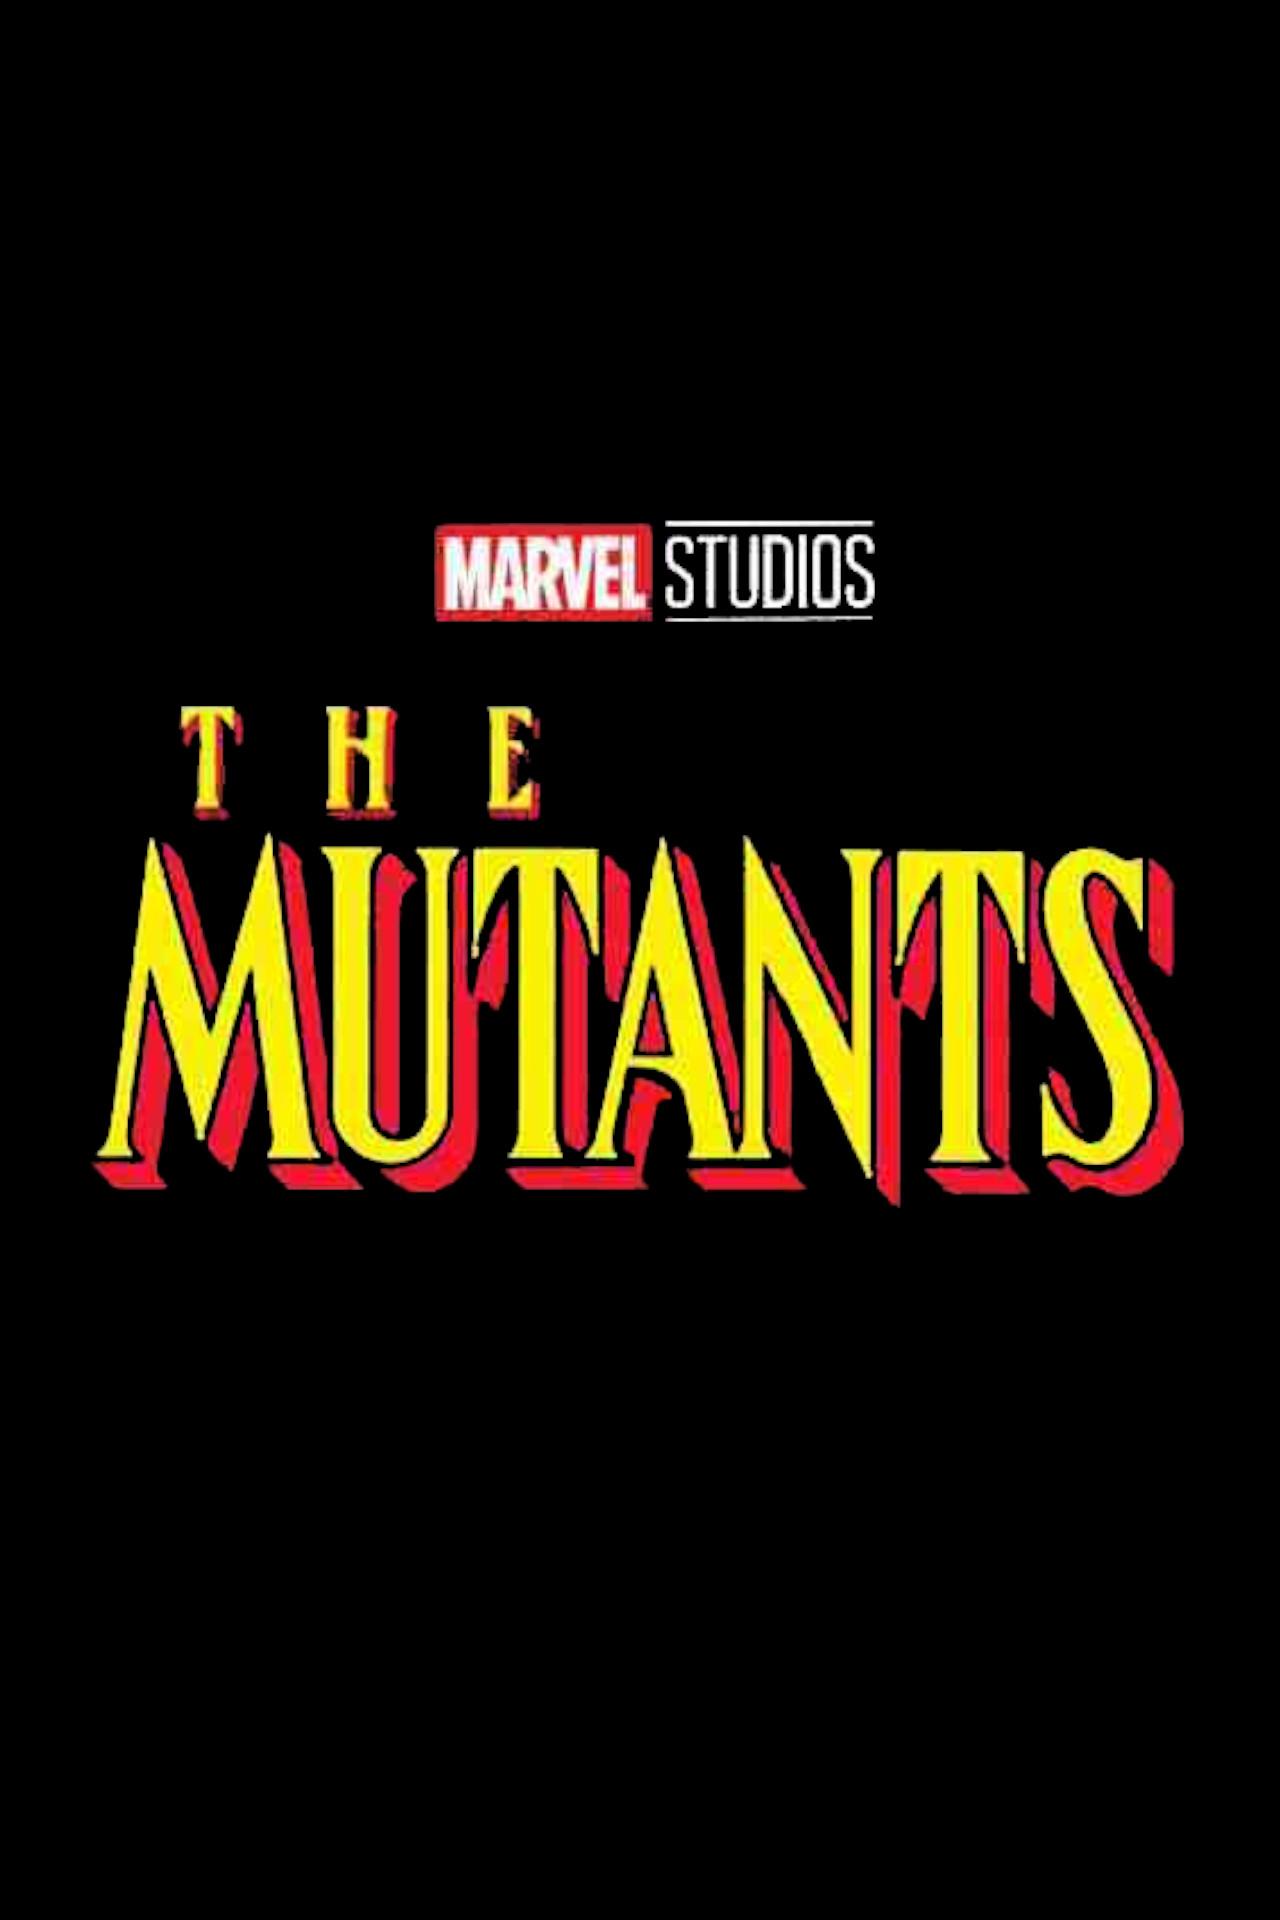 The Mutants, supostamente está em desenvolvimento pela Marvel Studios e poderá finalmente incluir os X-Men e os mutantes no Universo Cinematográfico Marvel.